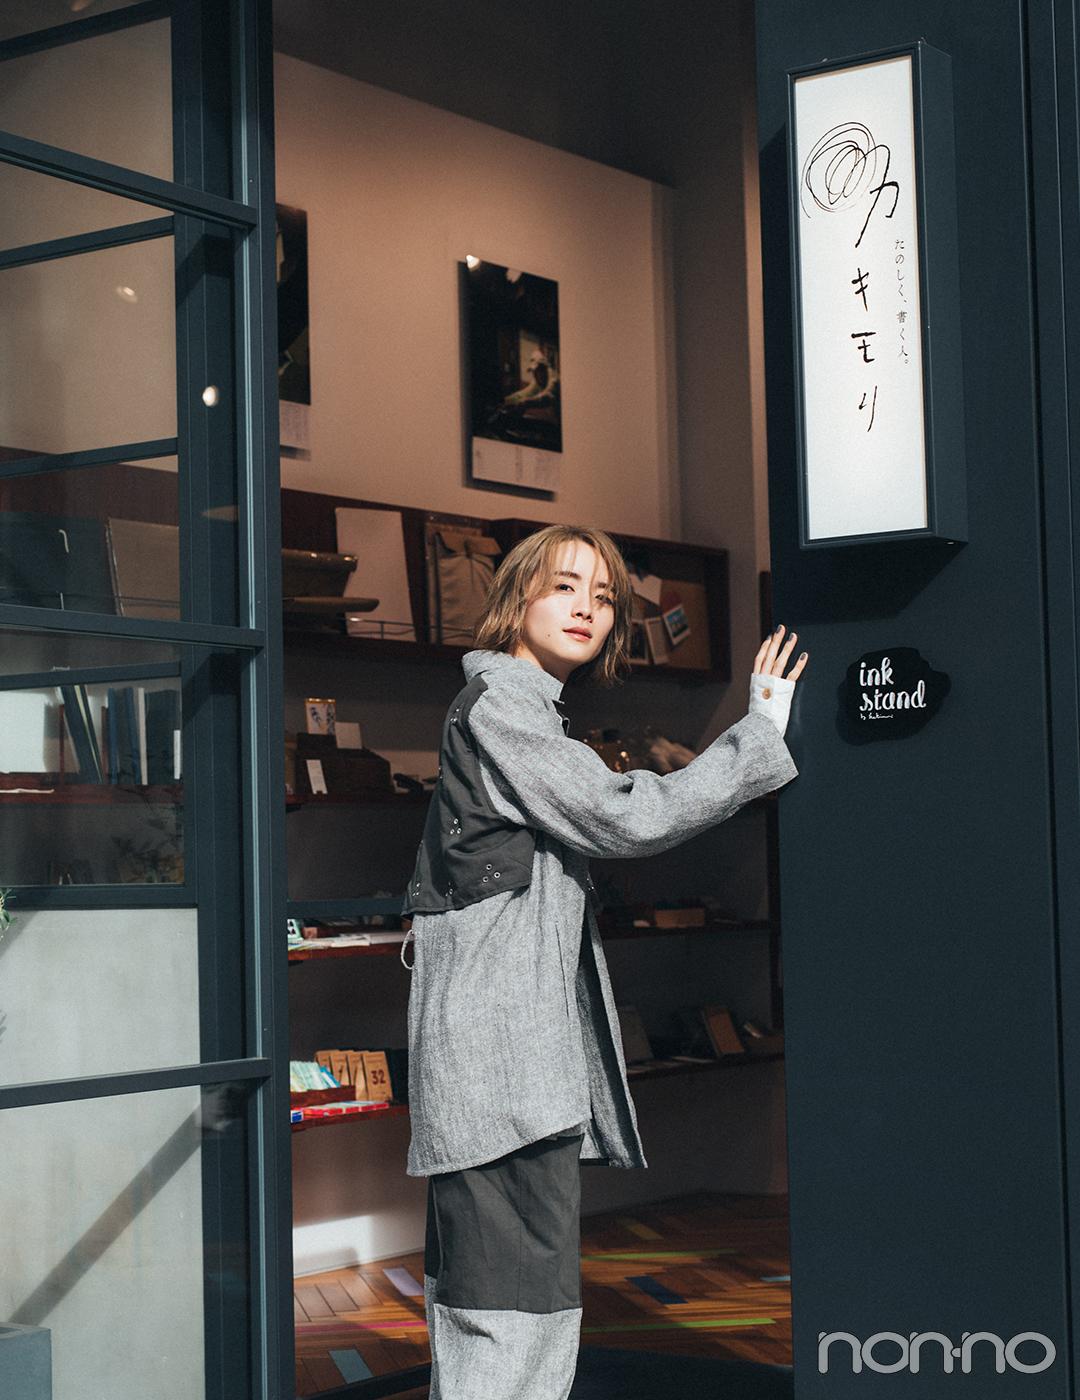 板垣李光人さんと文房具店デートへ【今月の彼氏】_1